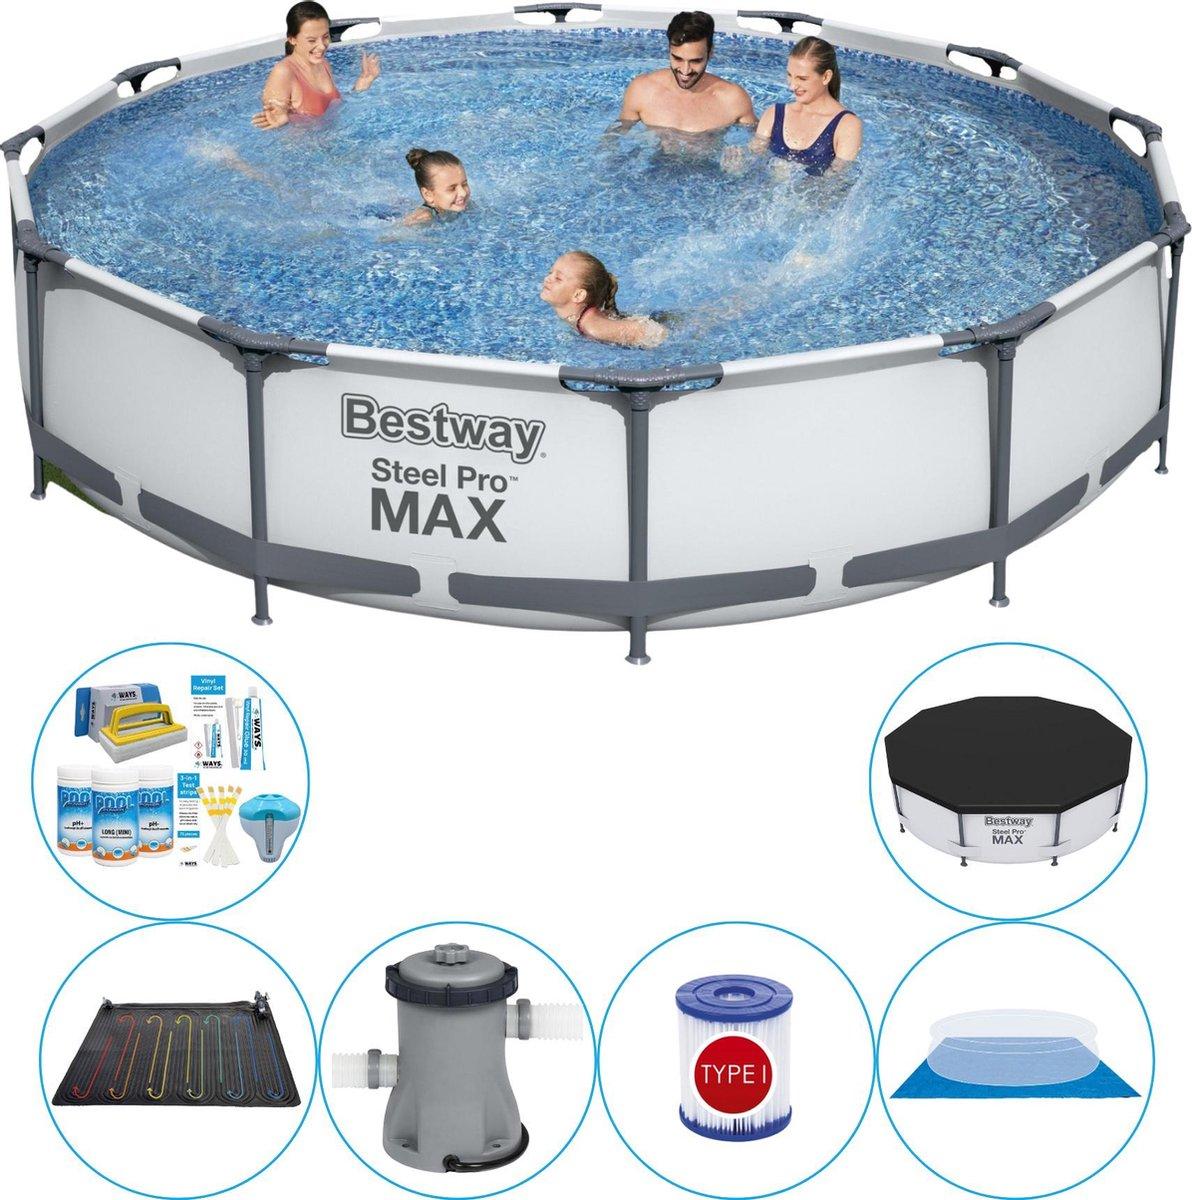 Bestway Steel Pro MAX Rond 366x76 cm - Zwembad Combi Deal